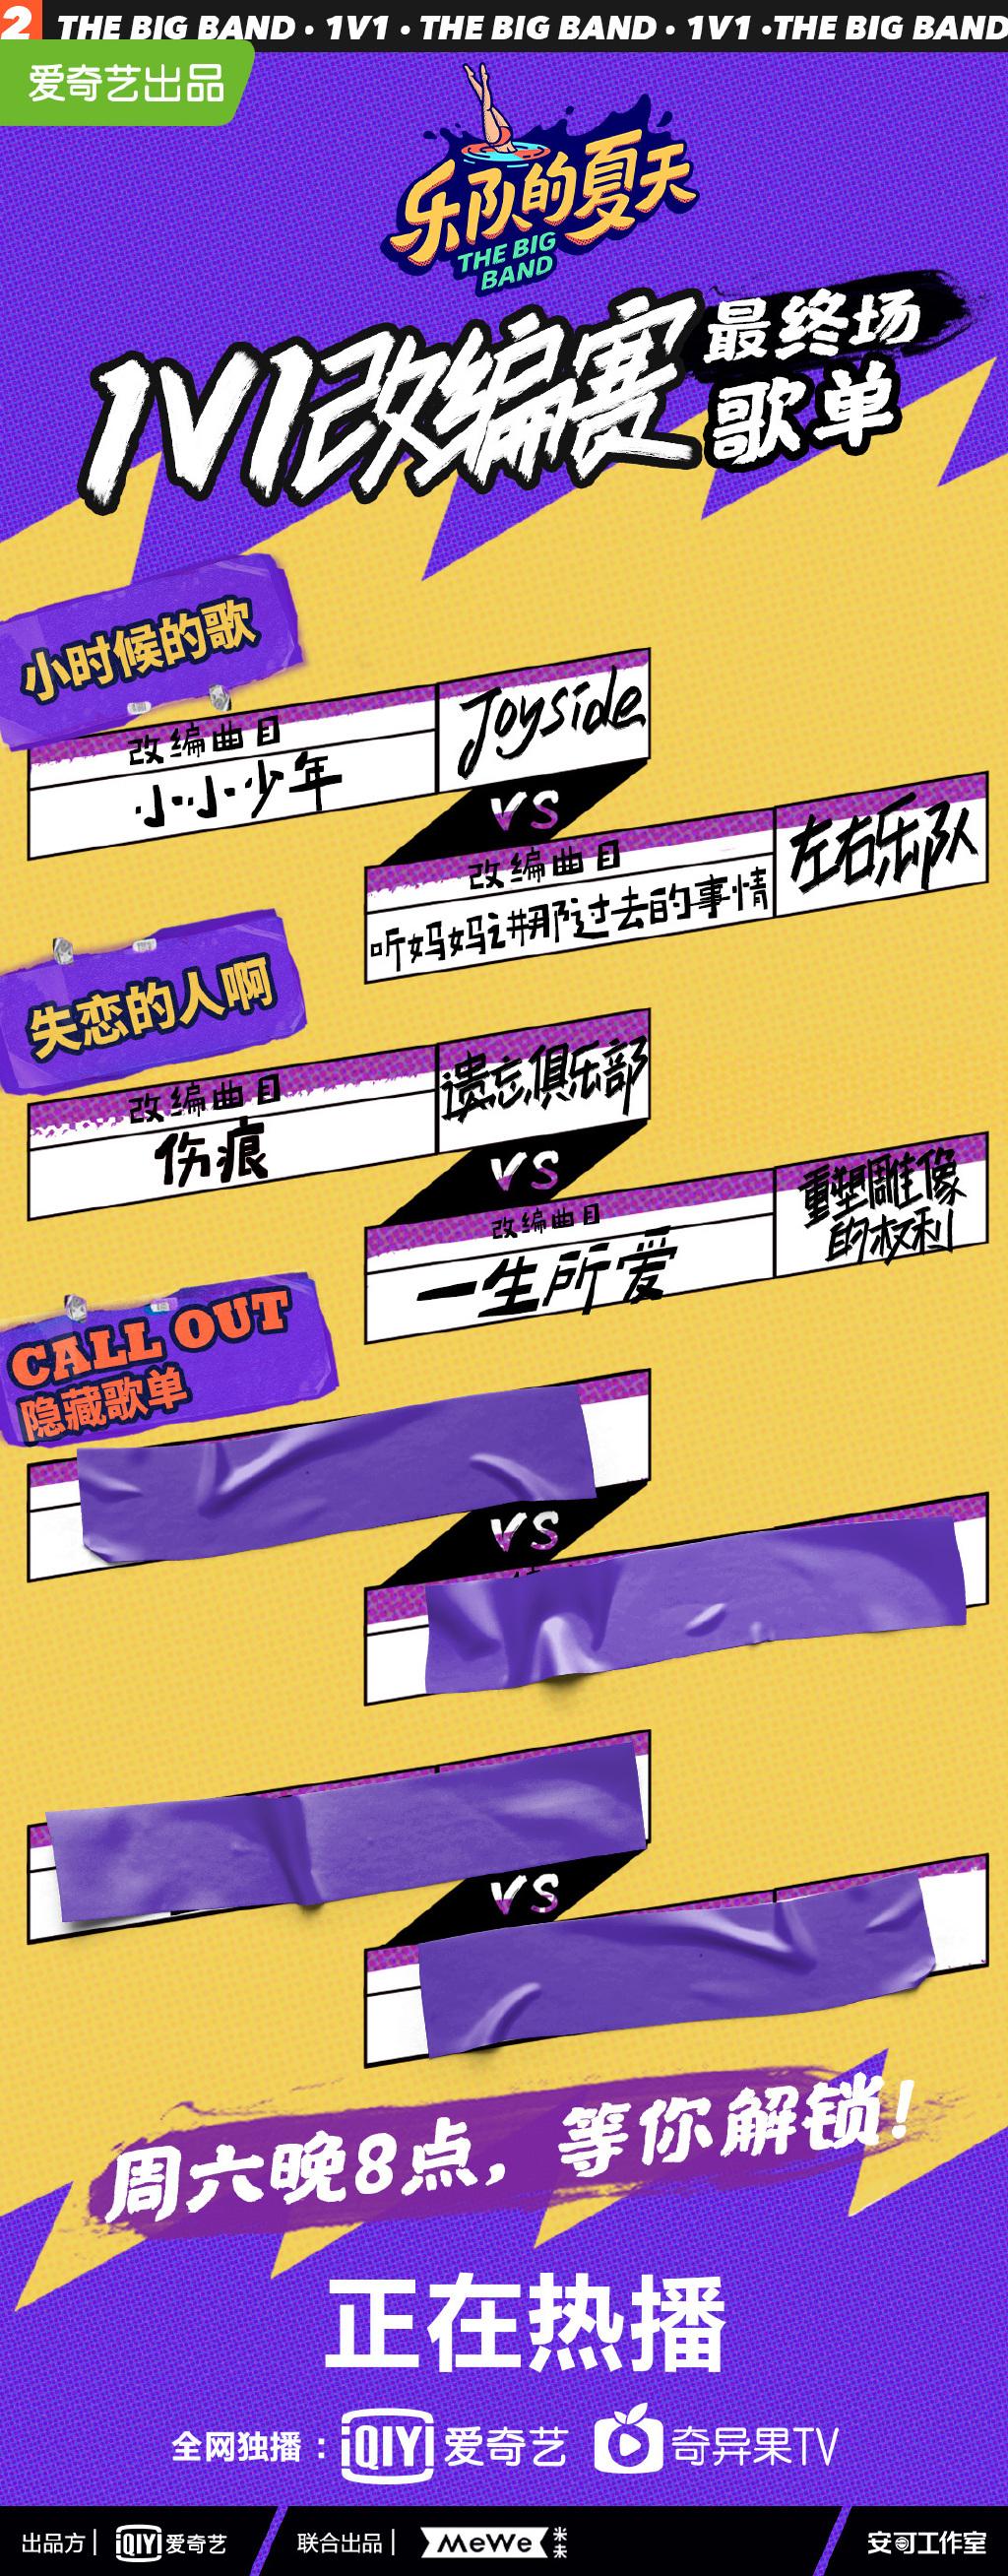 《乐夏2》改编赛最终场歌单曝光,还有四首隐藏歌曲